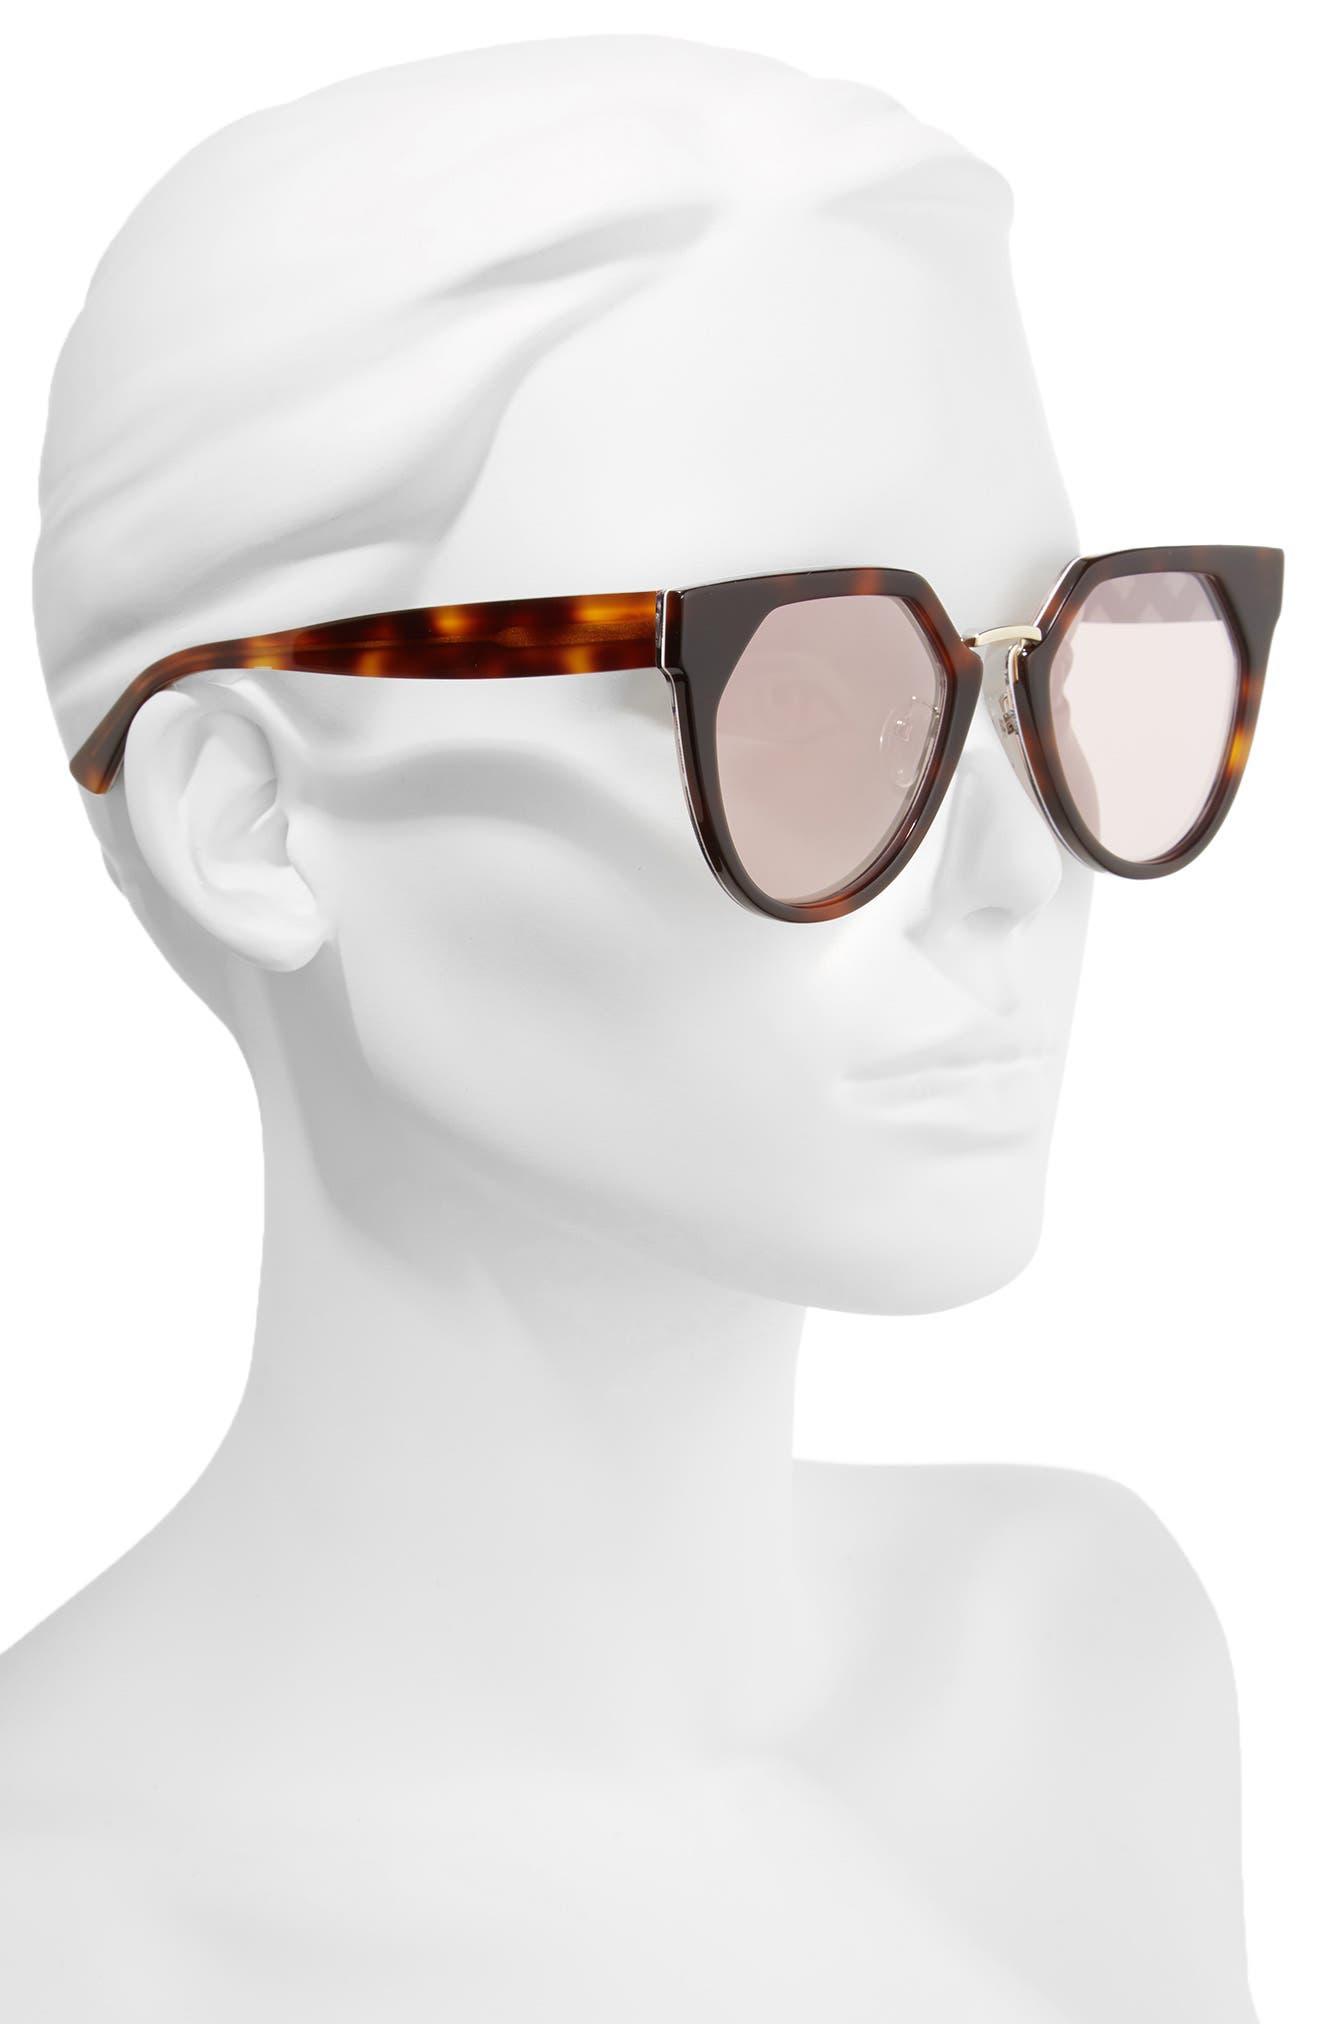 53mm Cat Eye Sunglasses,                             Alternate thumbnail 2, color,                             Havana